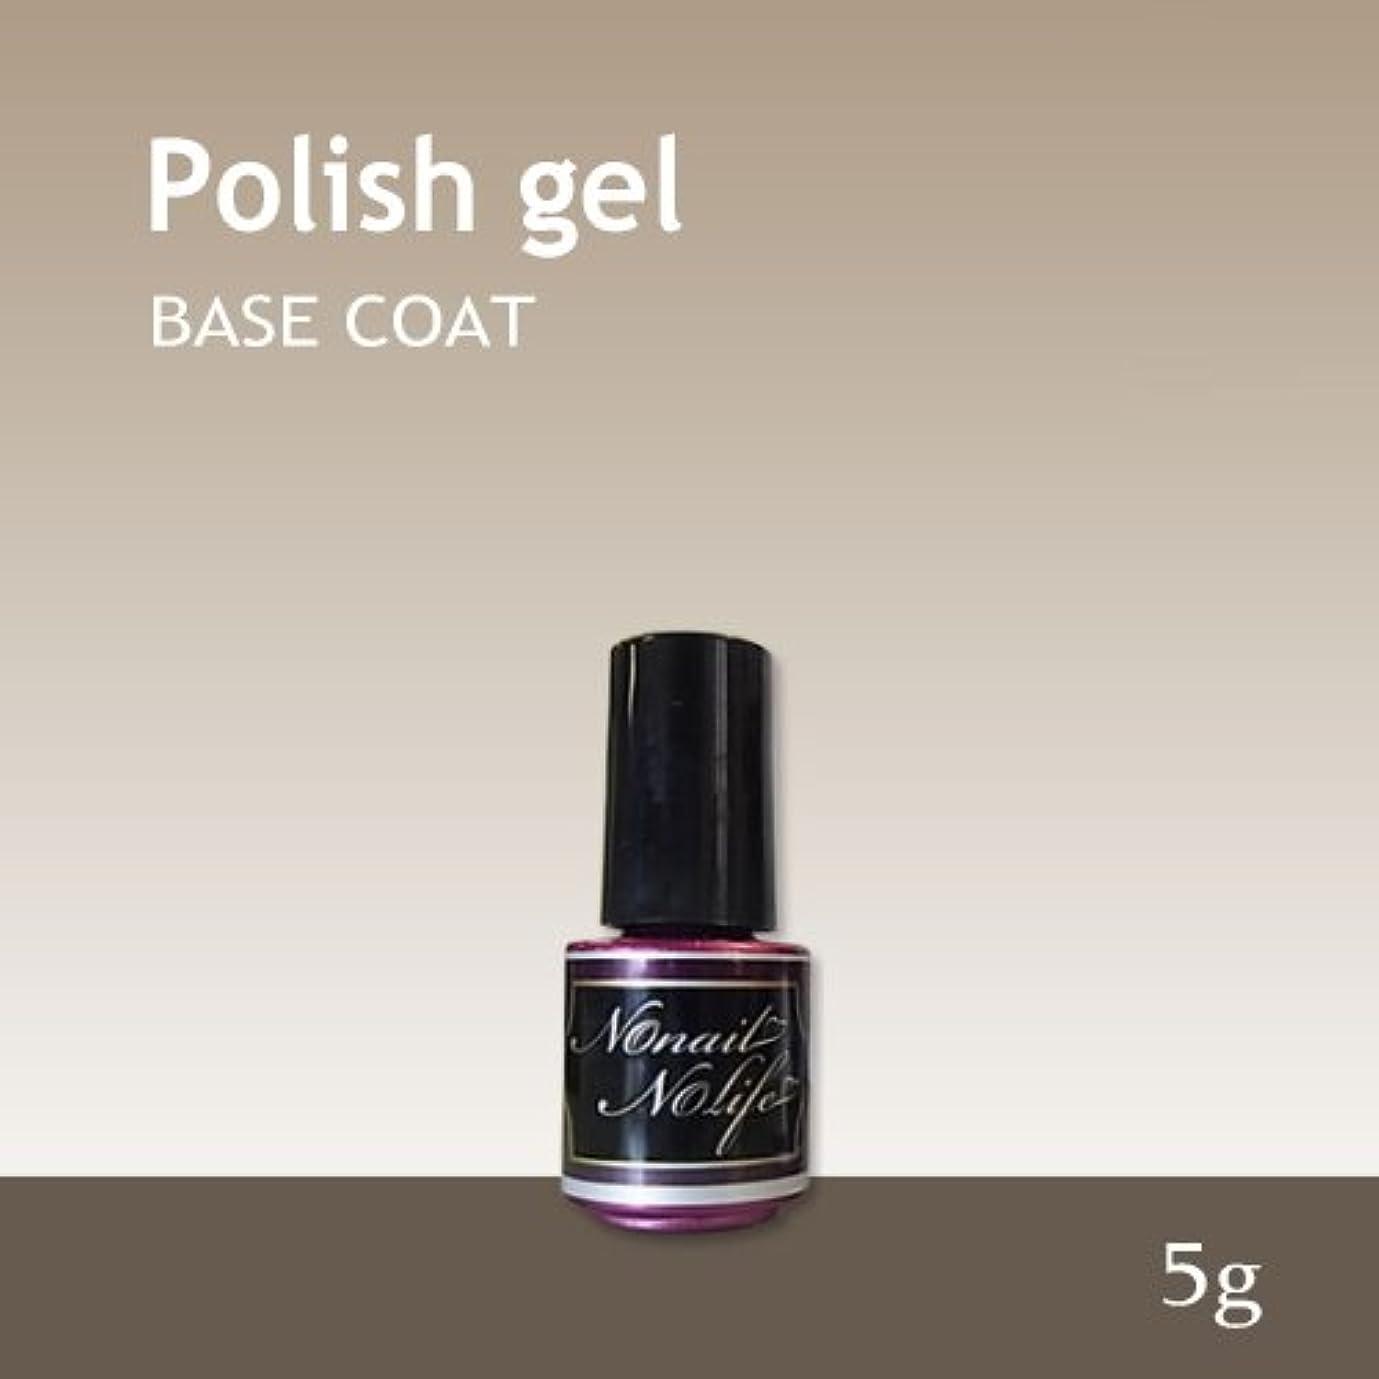 最もコンクリート時ジェルネイル《サンディング不要のベースコート》Natural Polish ポリッシュベースジェル(5g)